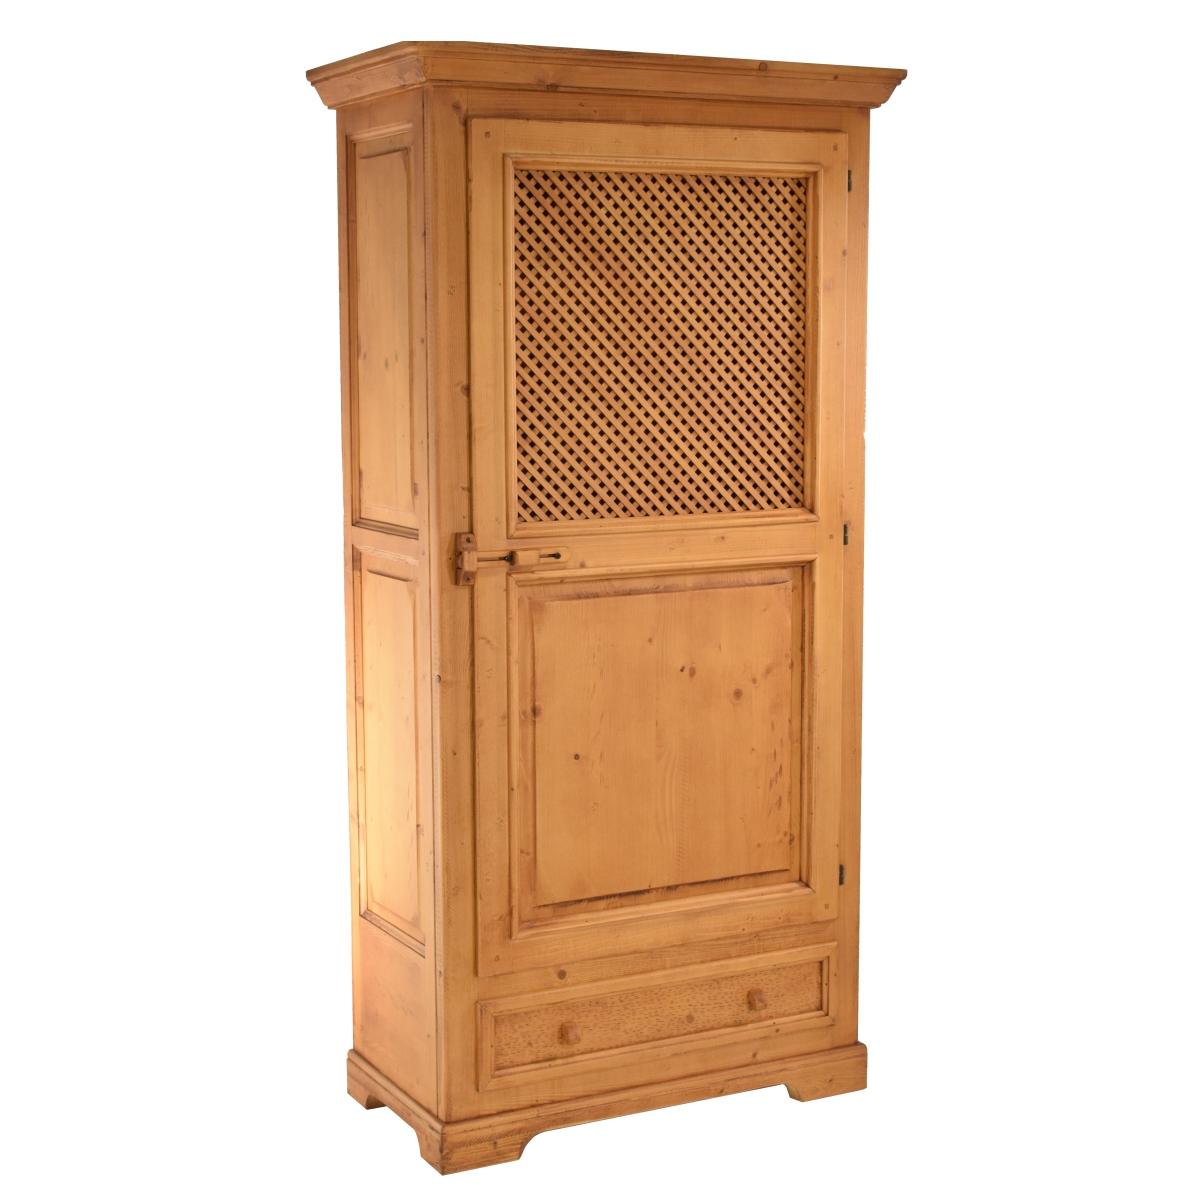 Armario recibidor r stico de madera ecor stico venta de - Botelleros de madera rusticos ...